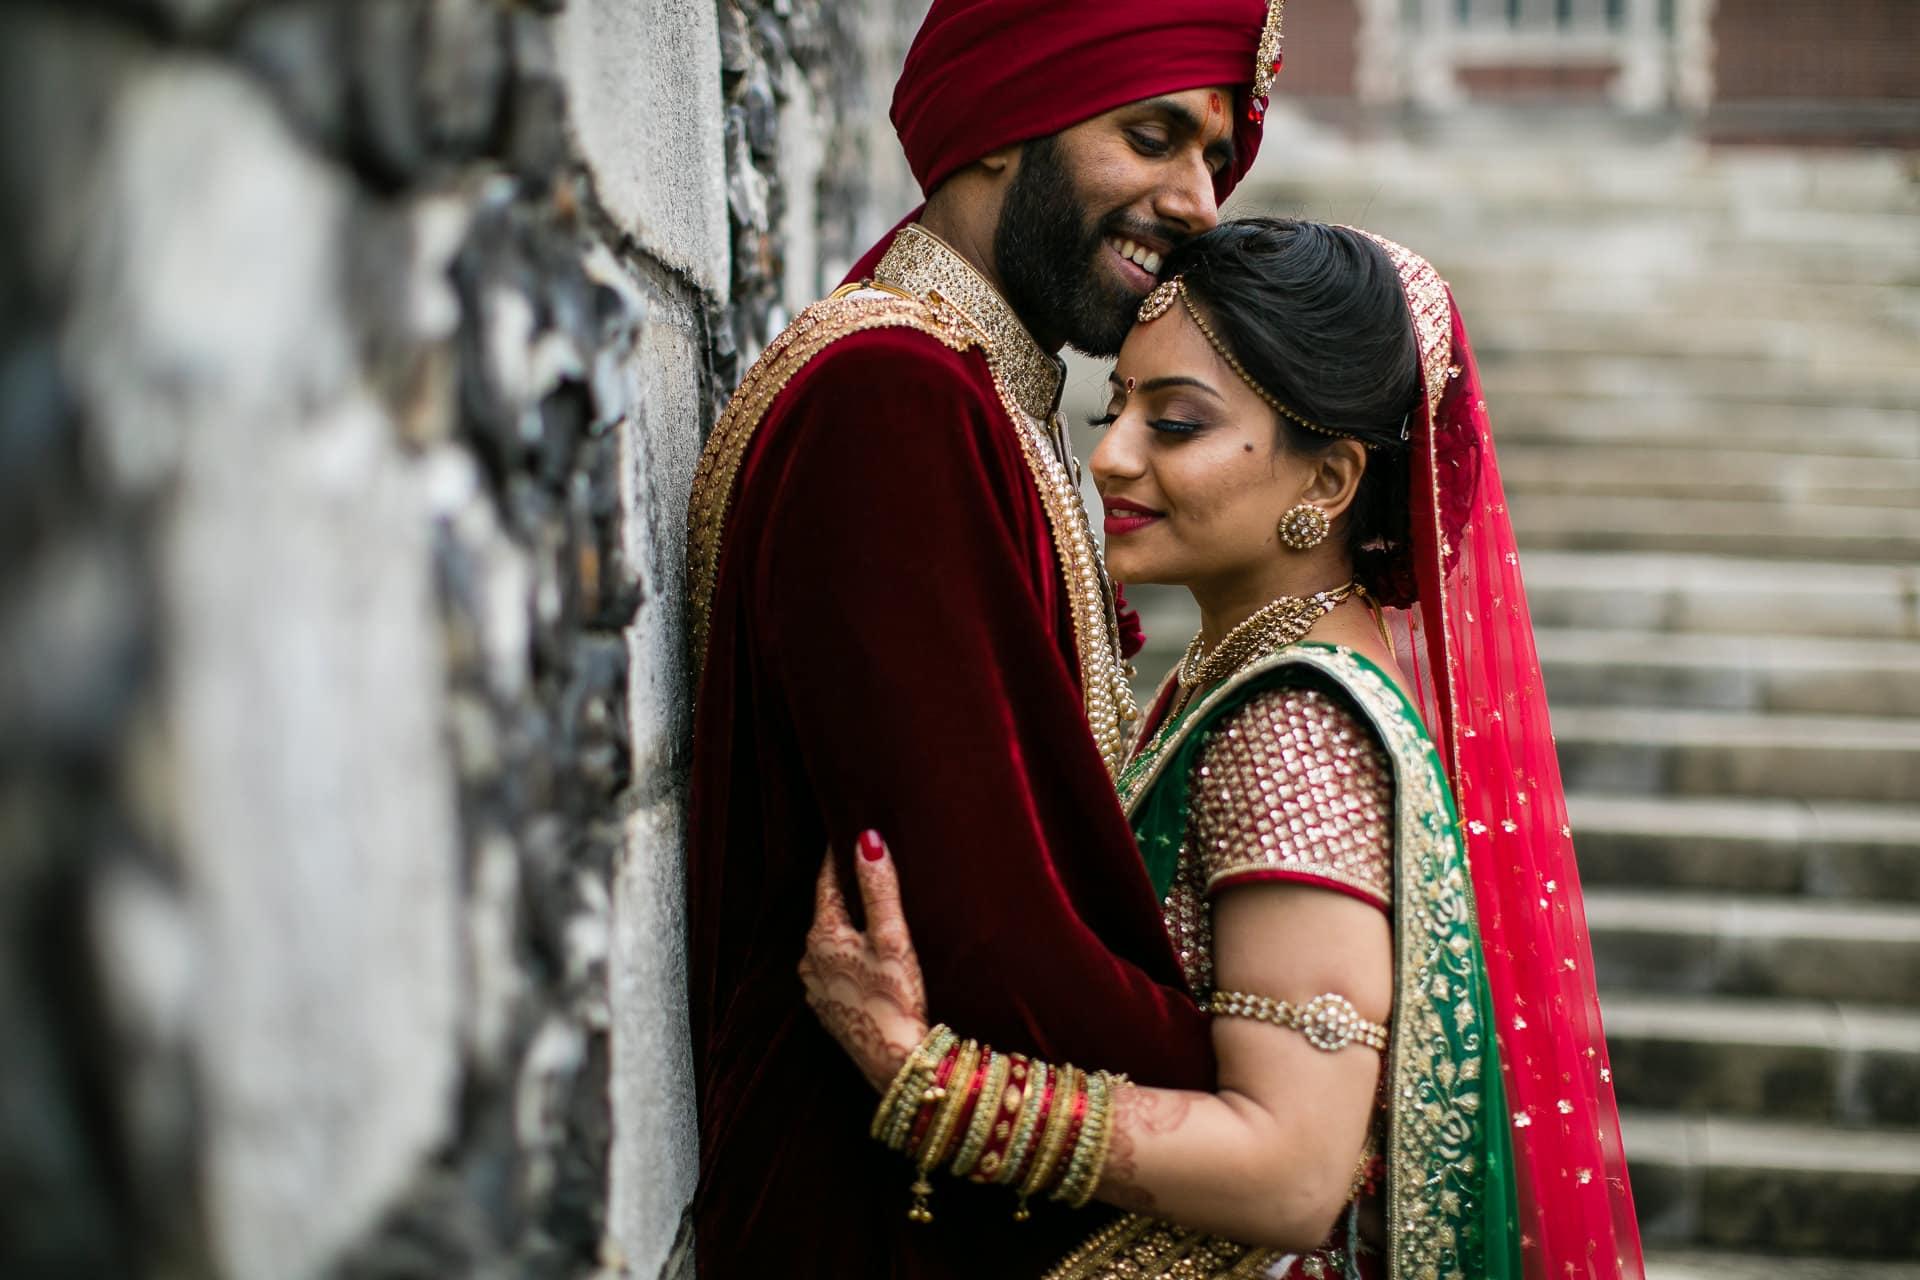 Hindu wedding portrait